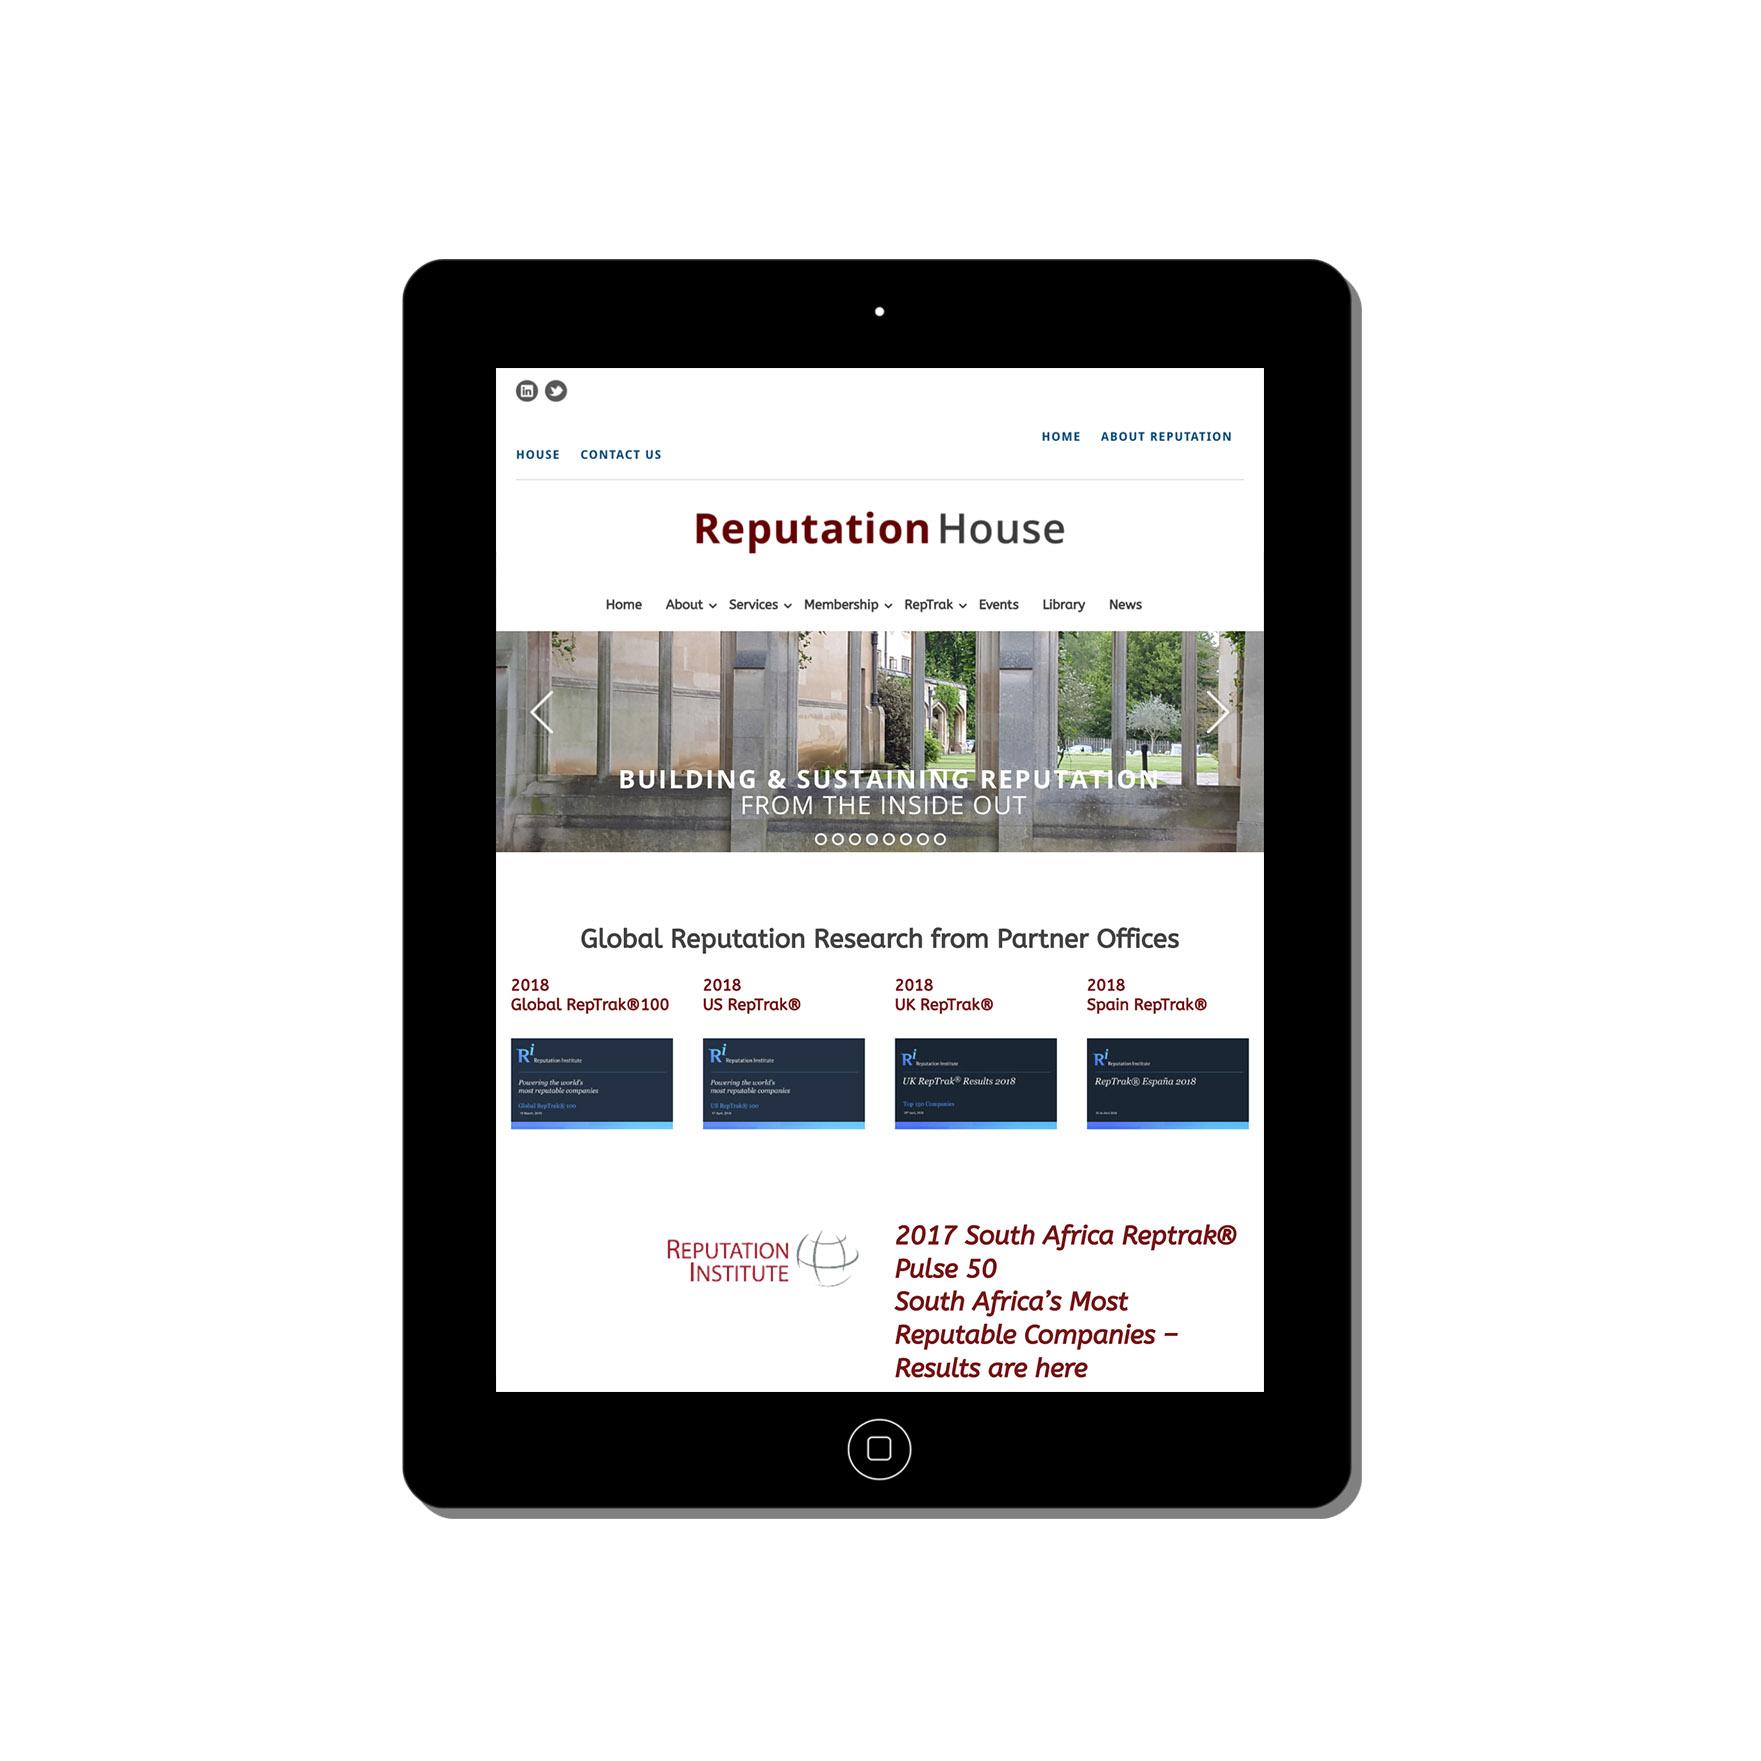 reputation house web-design-portfolio-webdoor-responsive-web-design-agency-hillcrest-kwazulu-natal-tablet